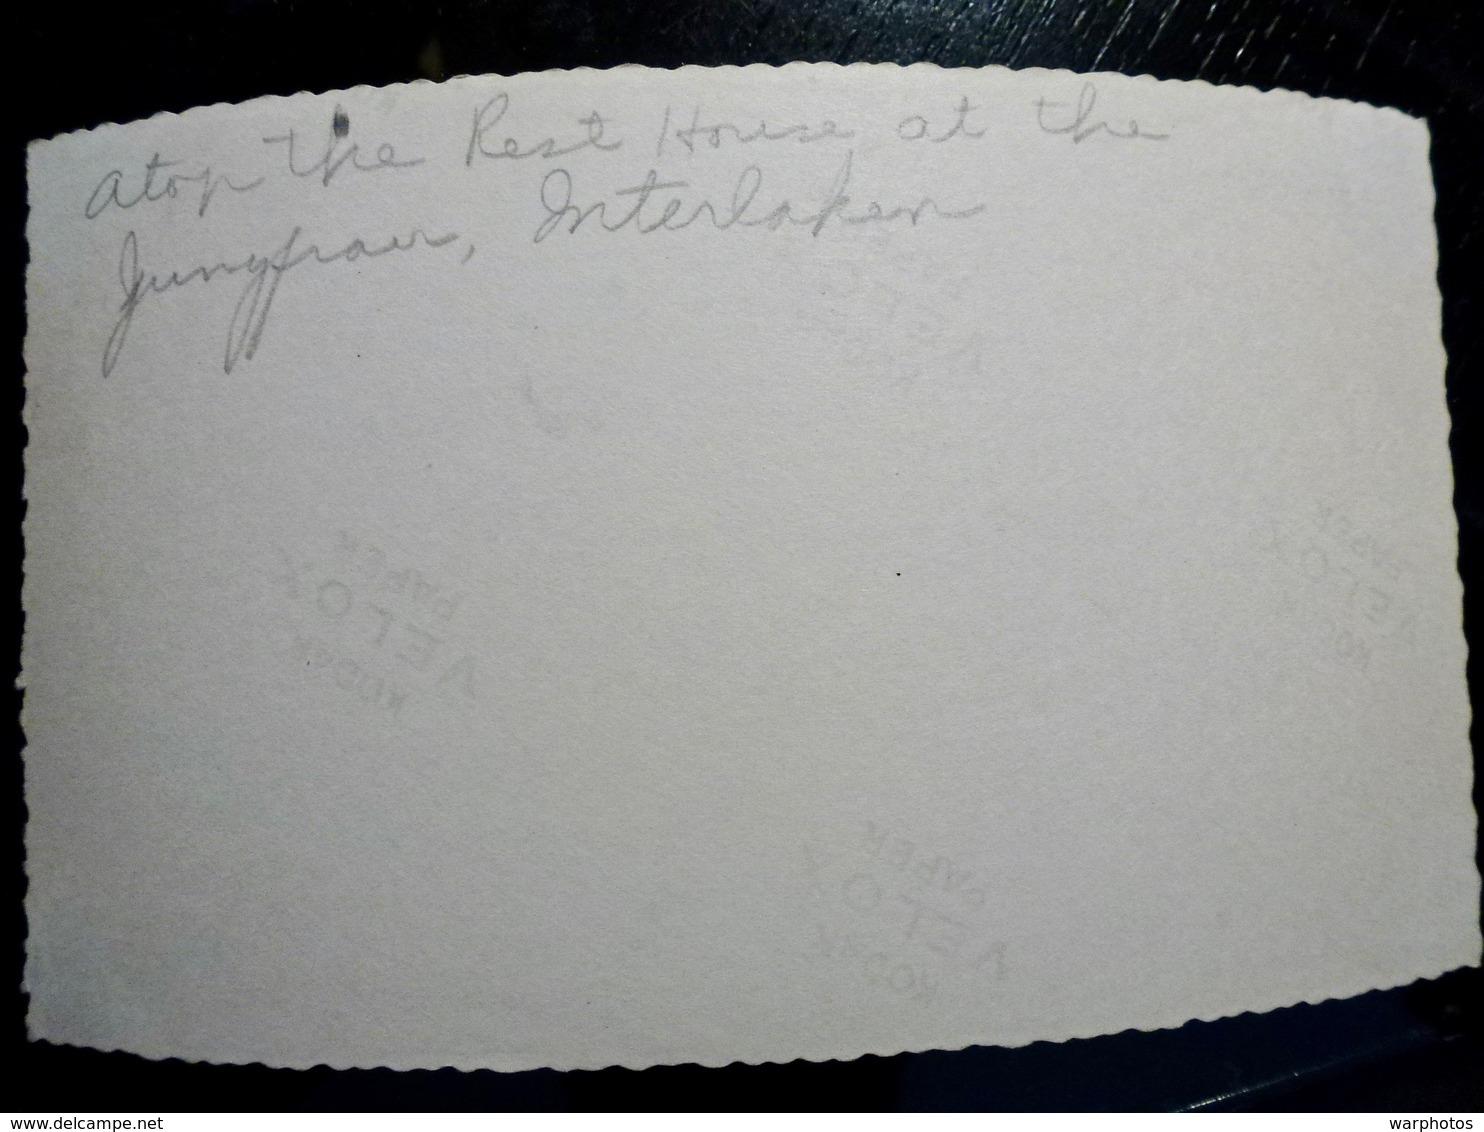 PHOTO ORIGINALE _ VINTAGE SNAPSHOT : MAMIE _ TERRASSE CHALET _ INTERLAKEN _ SUISSE _ 1957 - Lieux